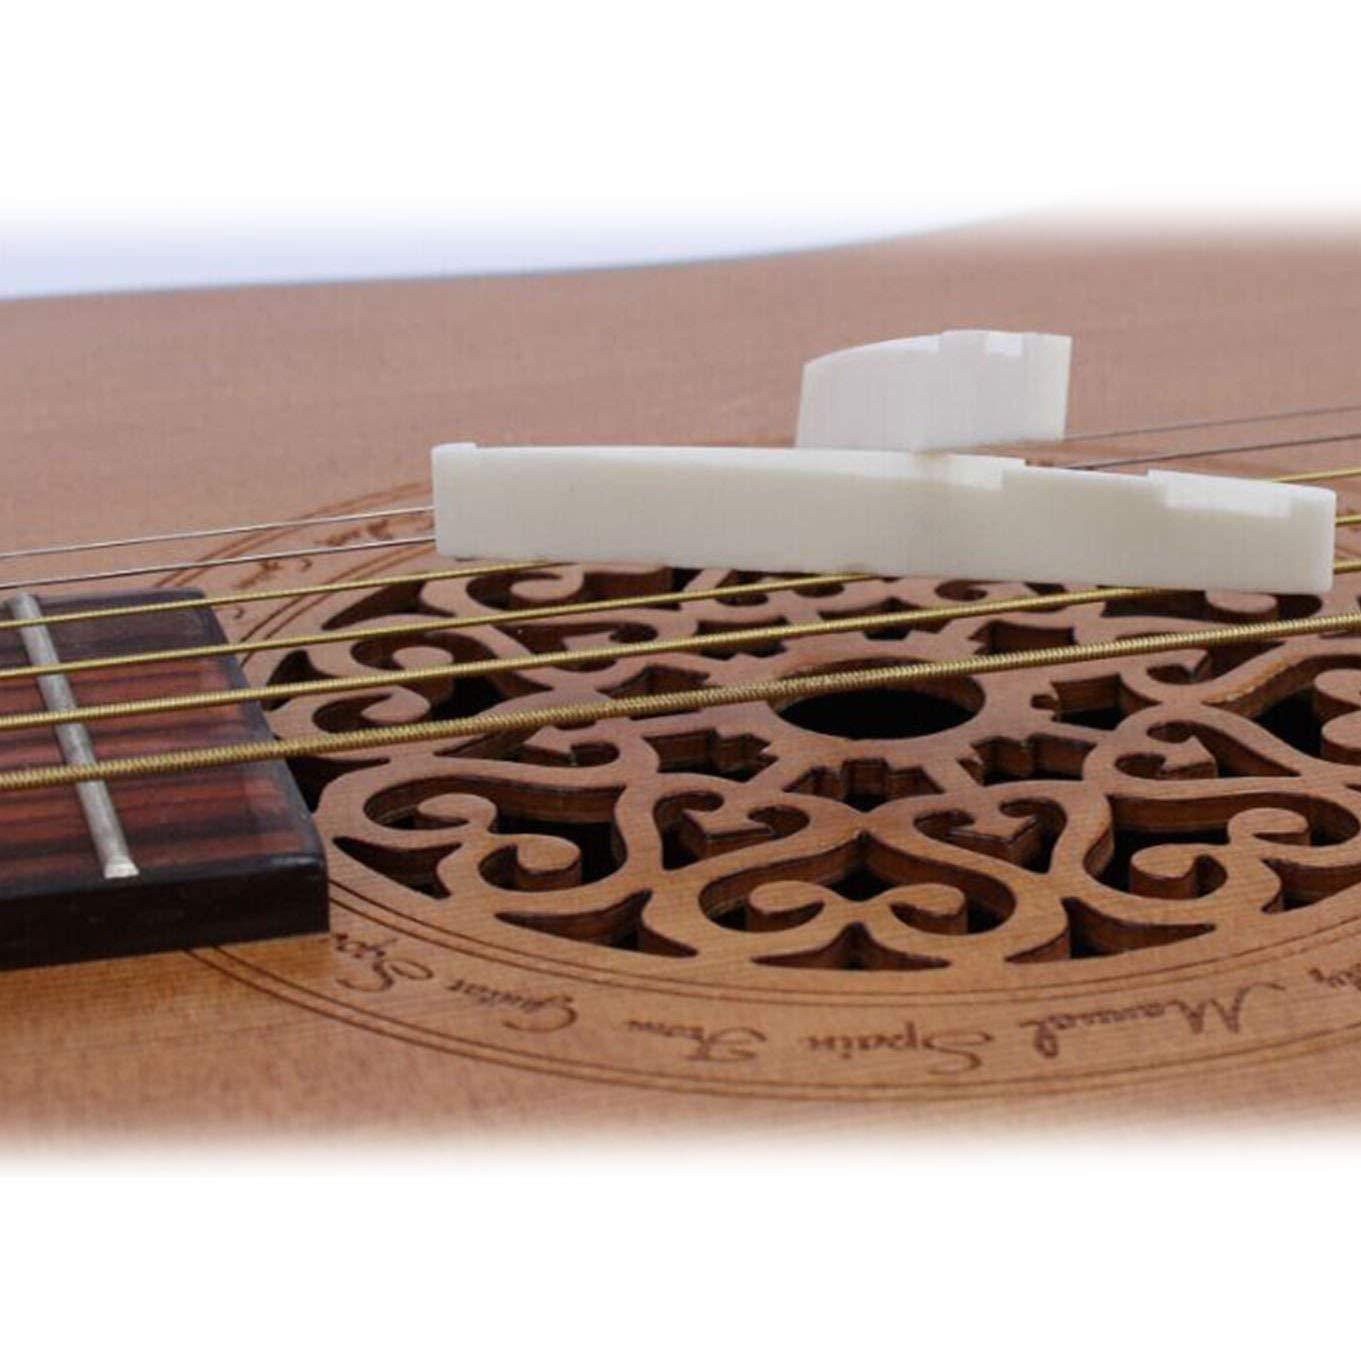 Xrten Puente de Hueso para Puente de Guitarra clásica de 6 Cuerdas ...